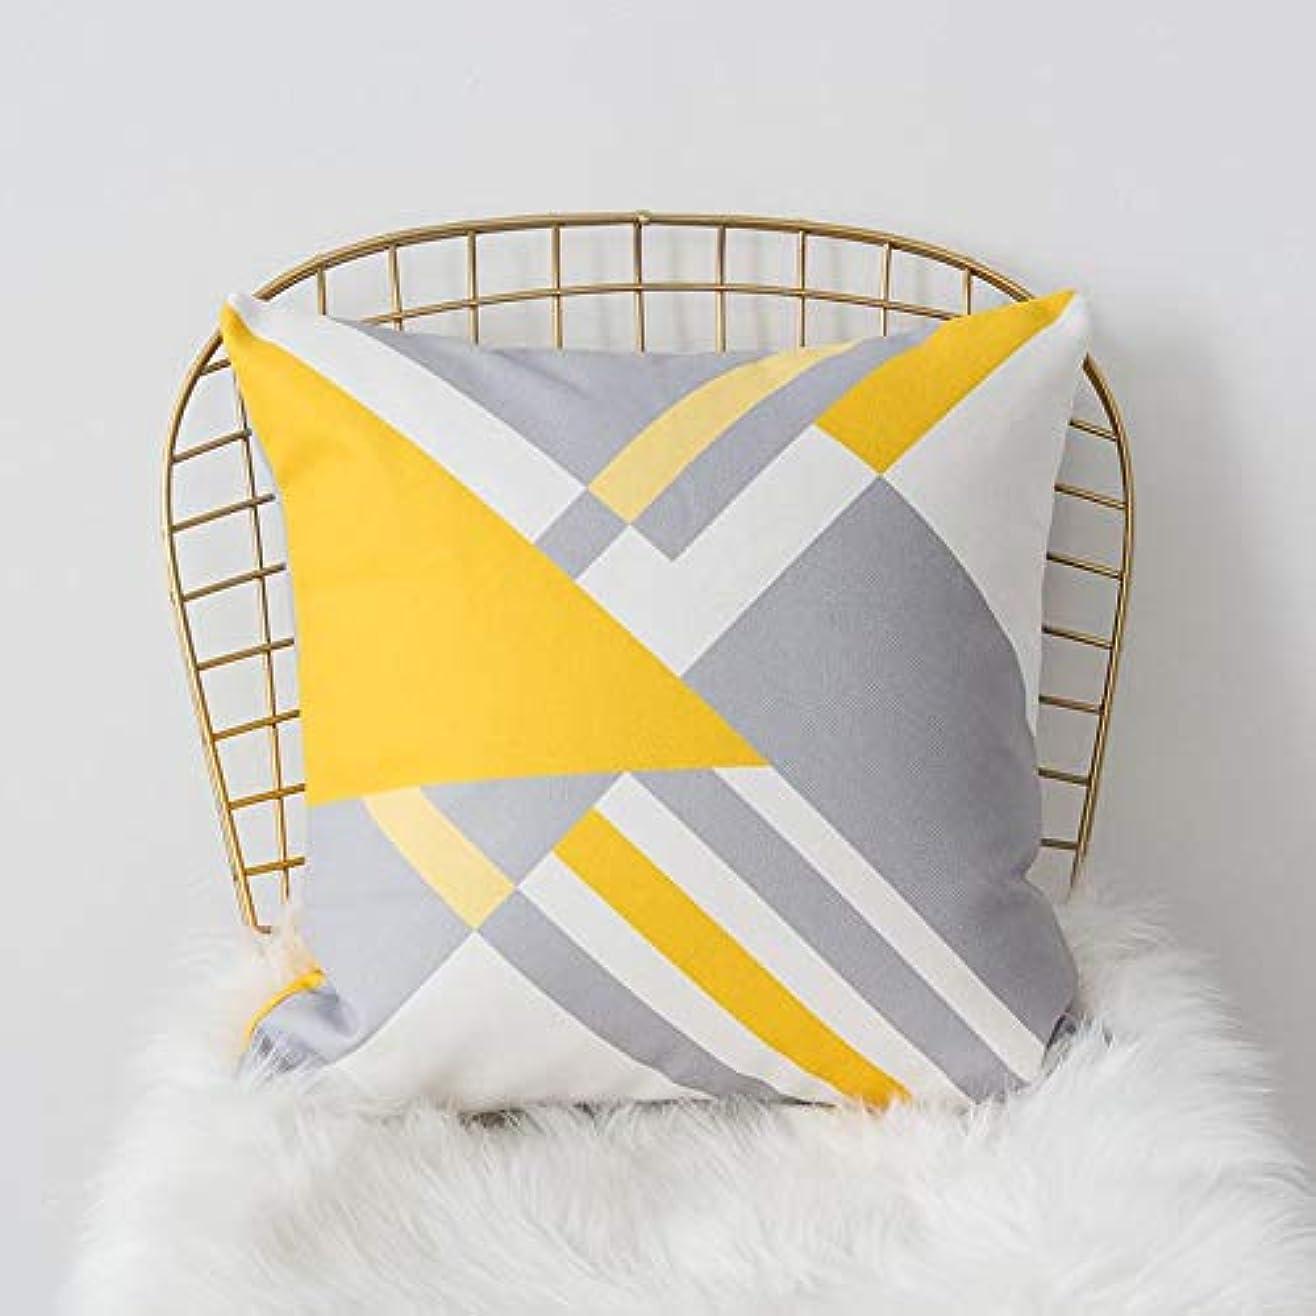 青桁パークLIFE 黄色グレー枕北欧スタイル黄色ヘラジカ幾何枕リビングルームのインテリアソファクッション Cojines 装飾良質 クッション 椅子